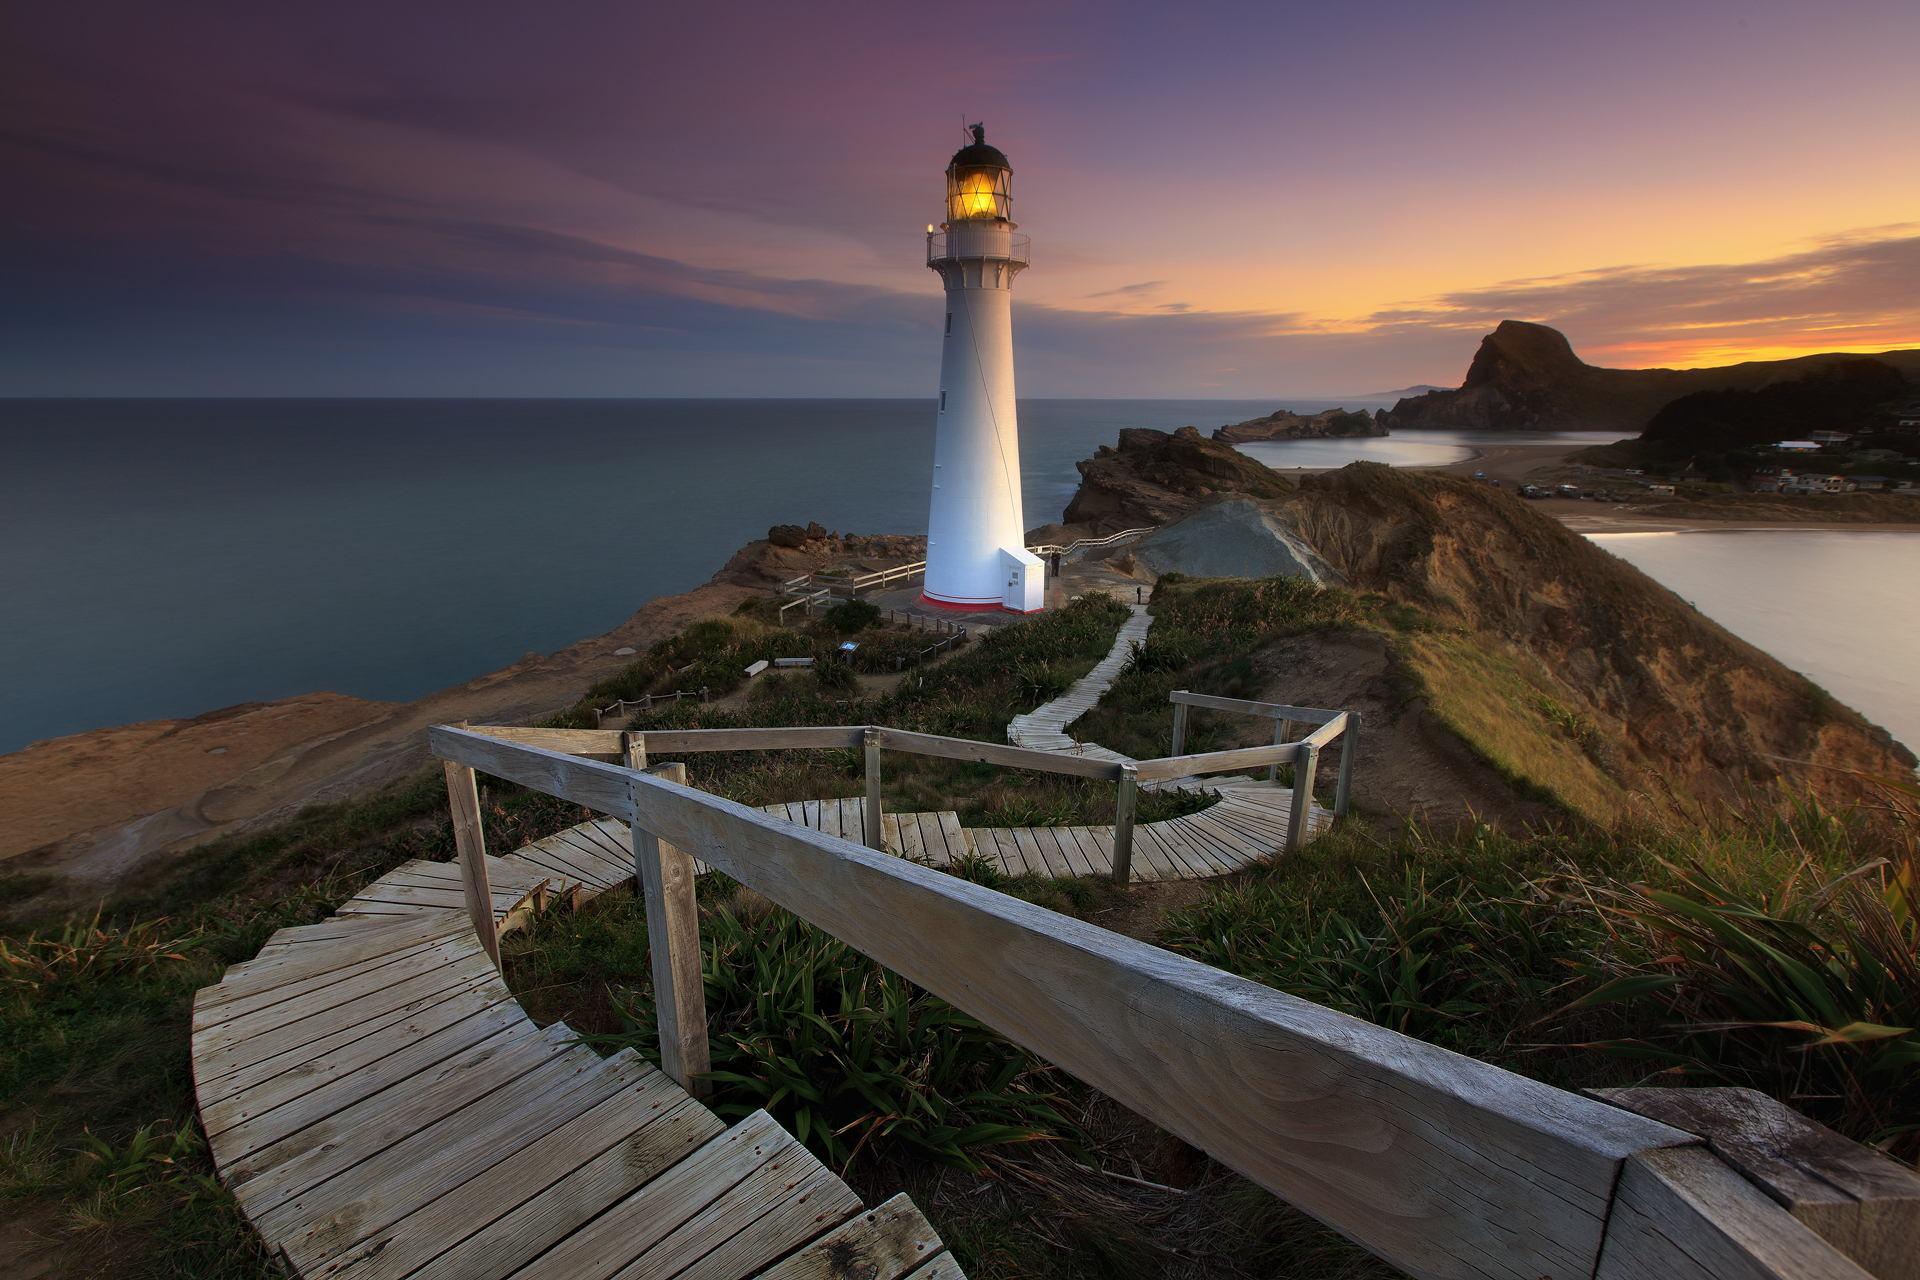 проводился фото маяка на скале с видом в море книга просто легко